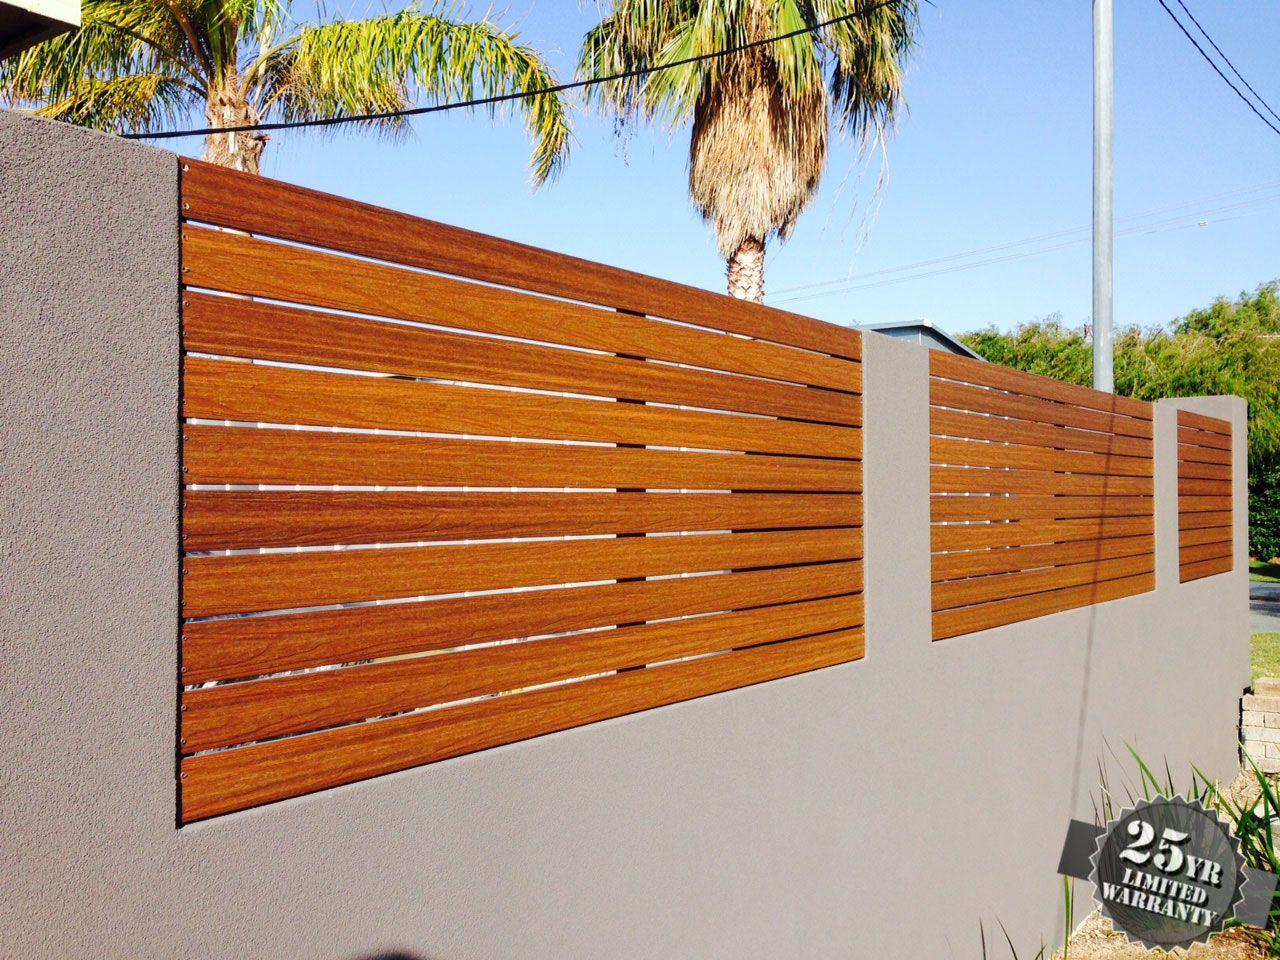 Ultrashield Slat Fencing In Teak Used For Front Fence